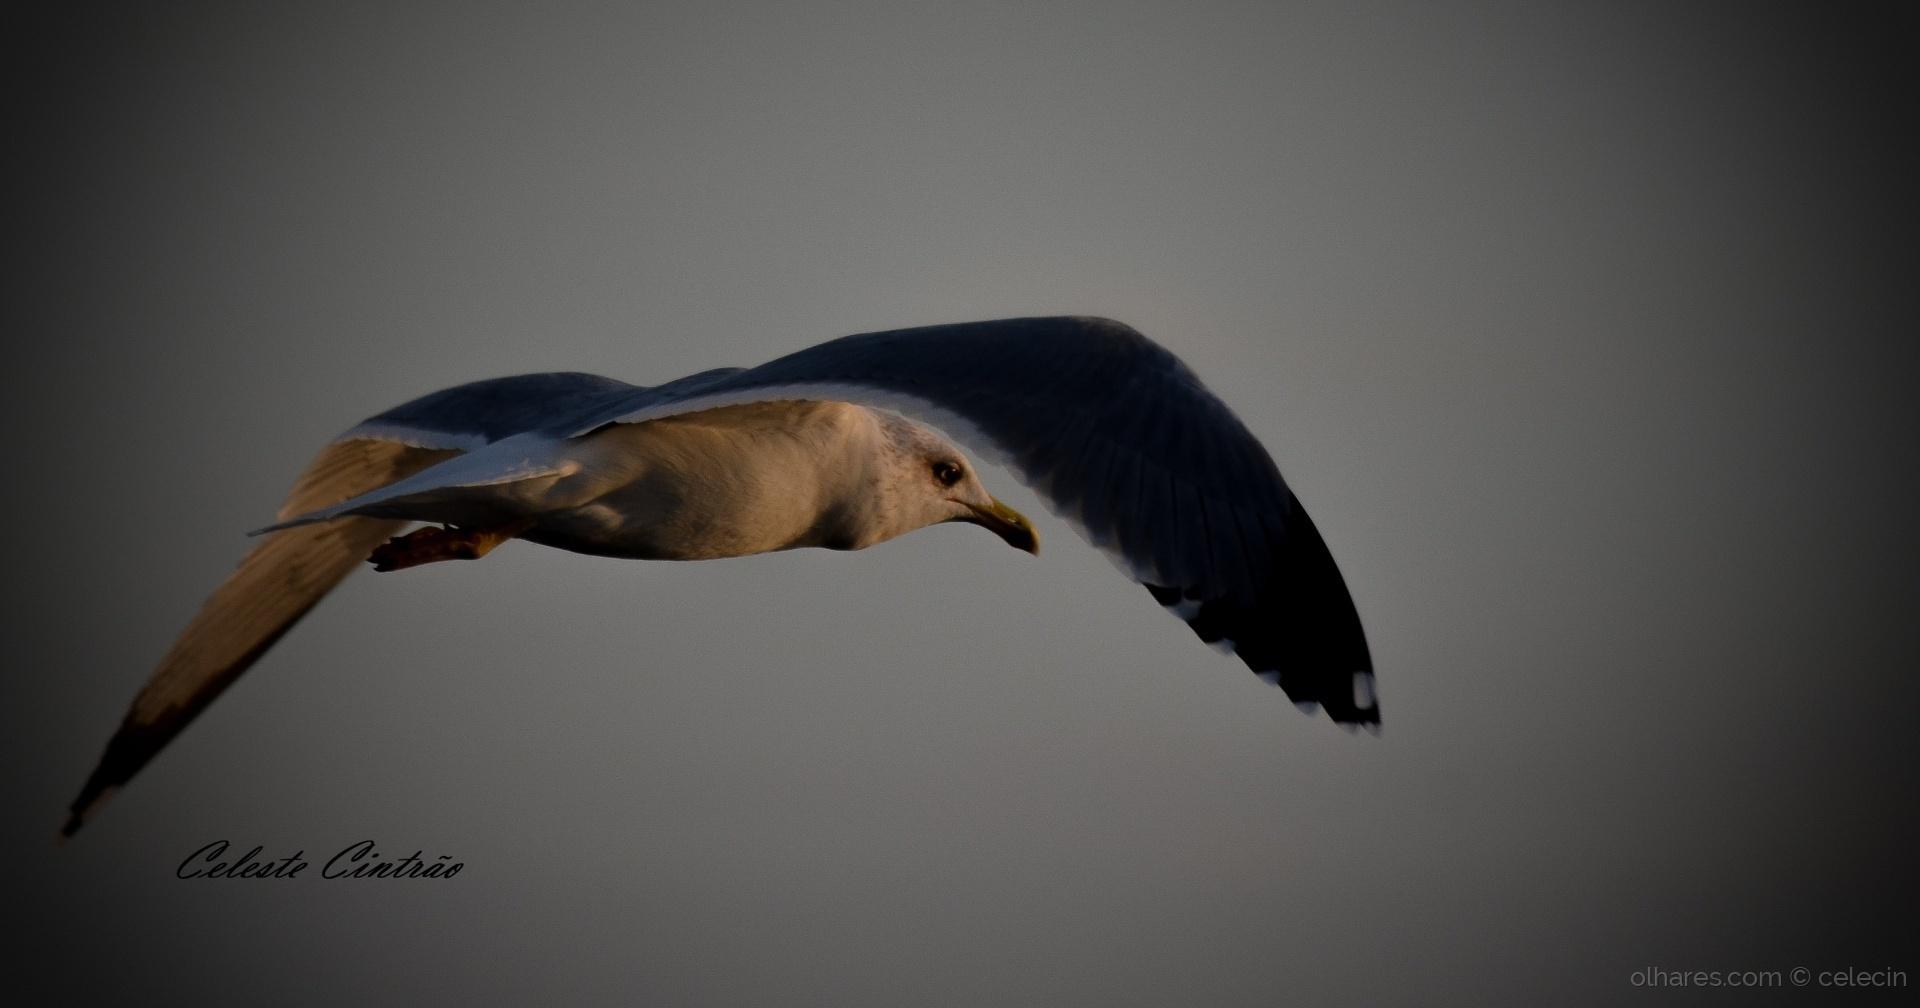 Animais/Se uma gaivota viesse....